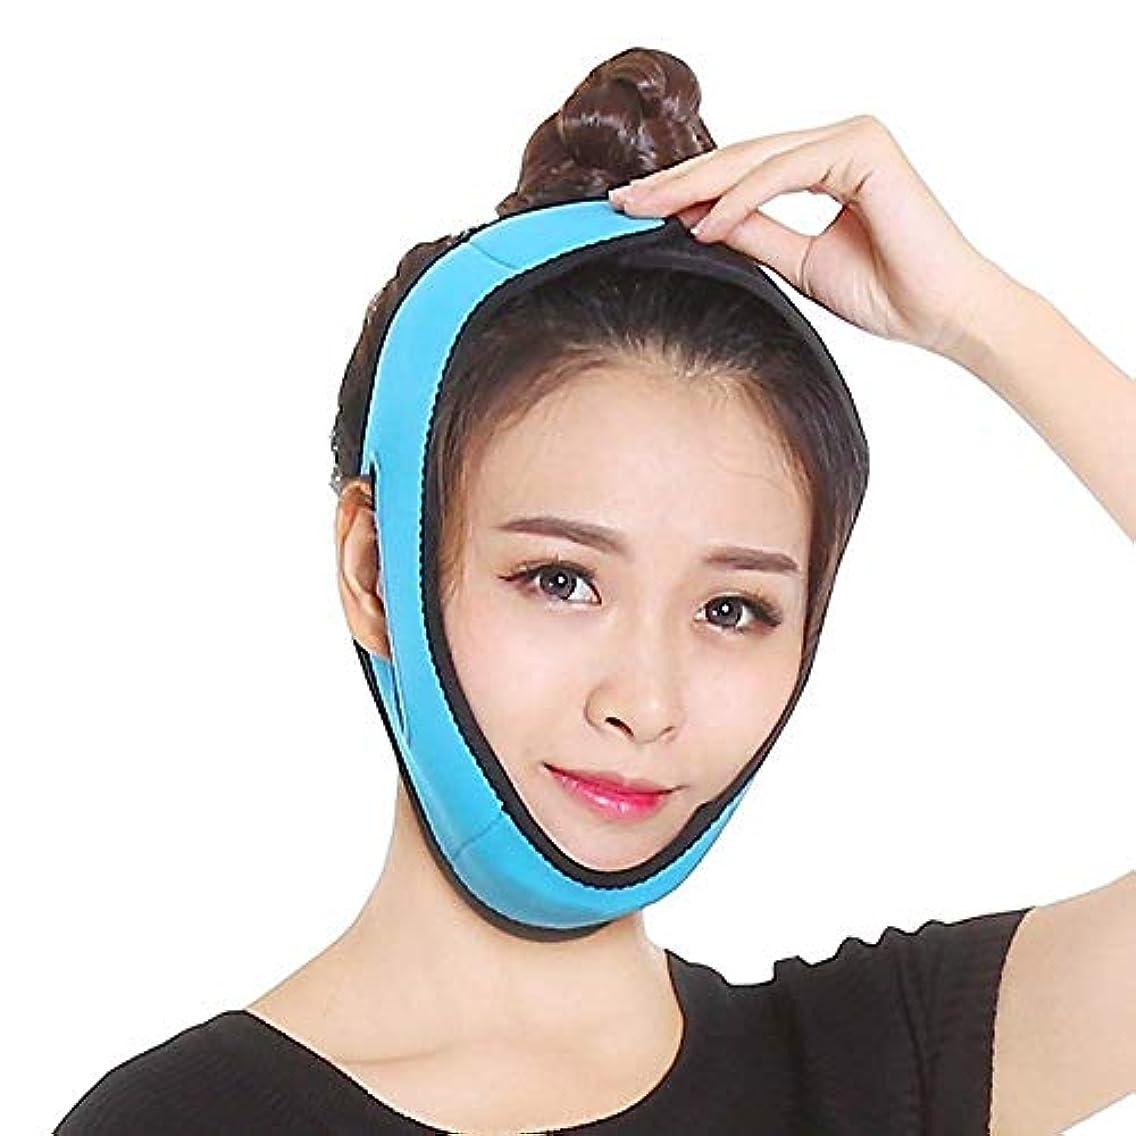 組立孤独な情熱XHLMRMJ Thin Face Belt - 薄型フェイスツール薄型フェイスベルト通気性ラテックスマッサージVタイプフェイスアーティファクトフェイス薄型マスクフェイスリフティングベルト